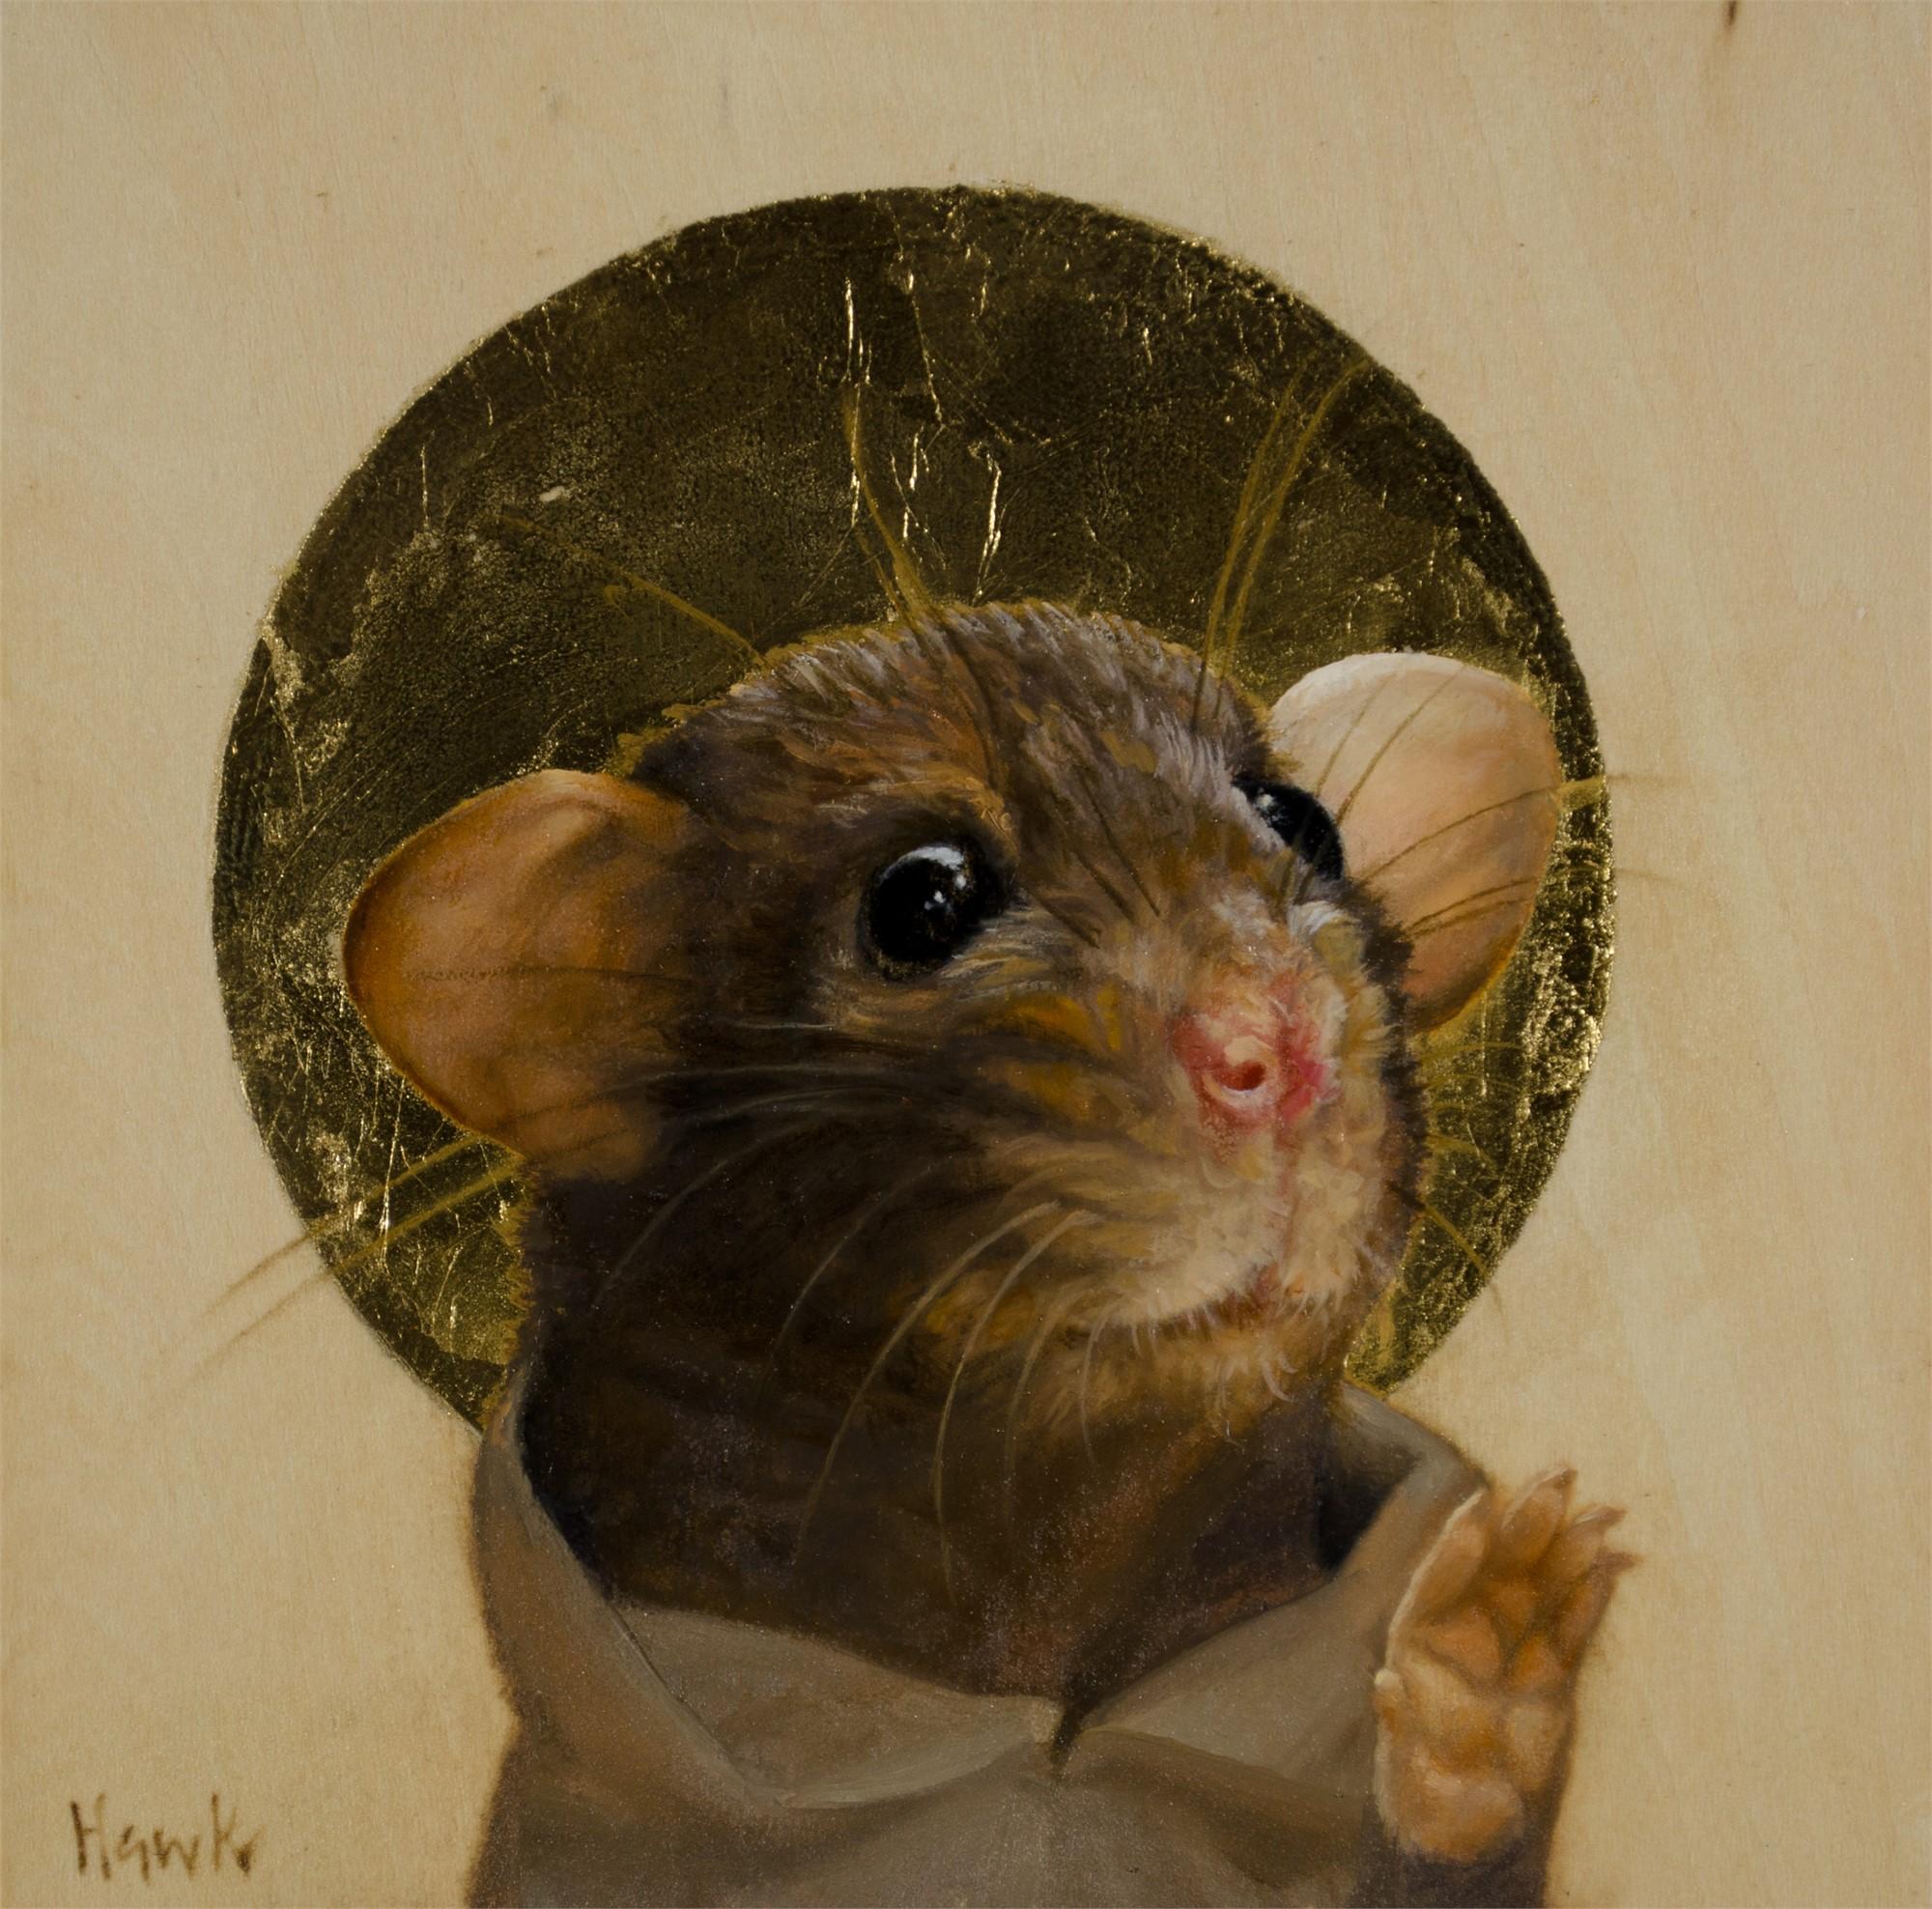 Devout Mouse by Dana Hawk